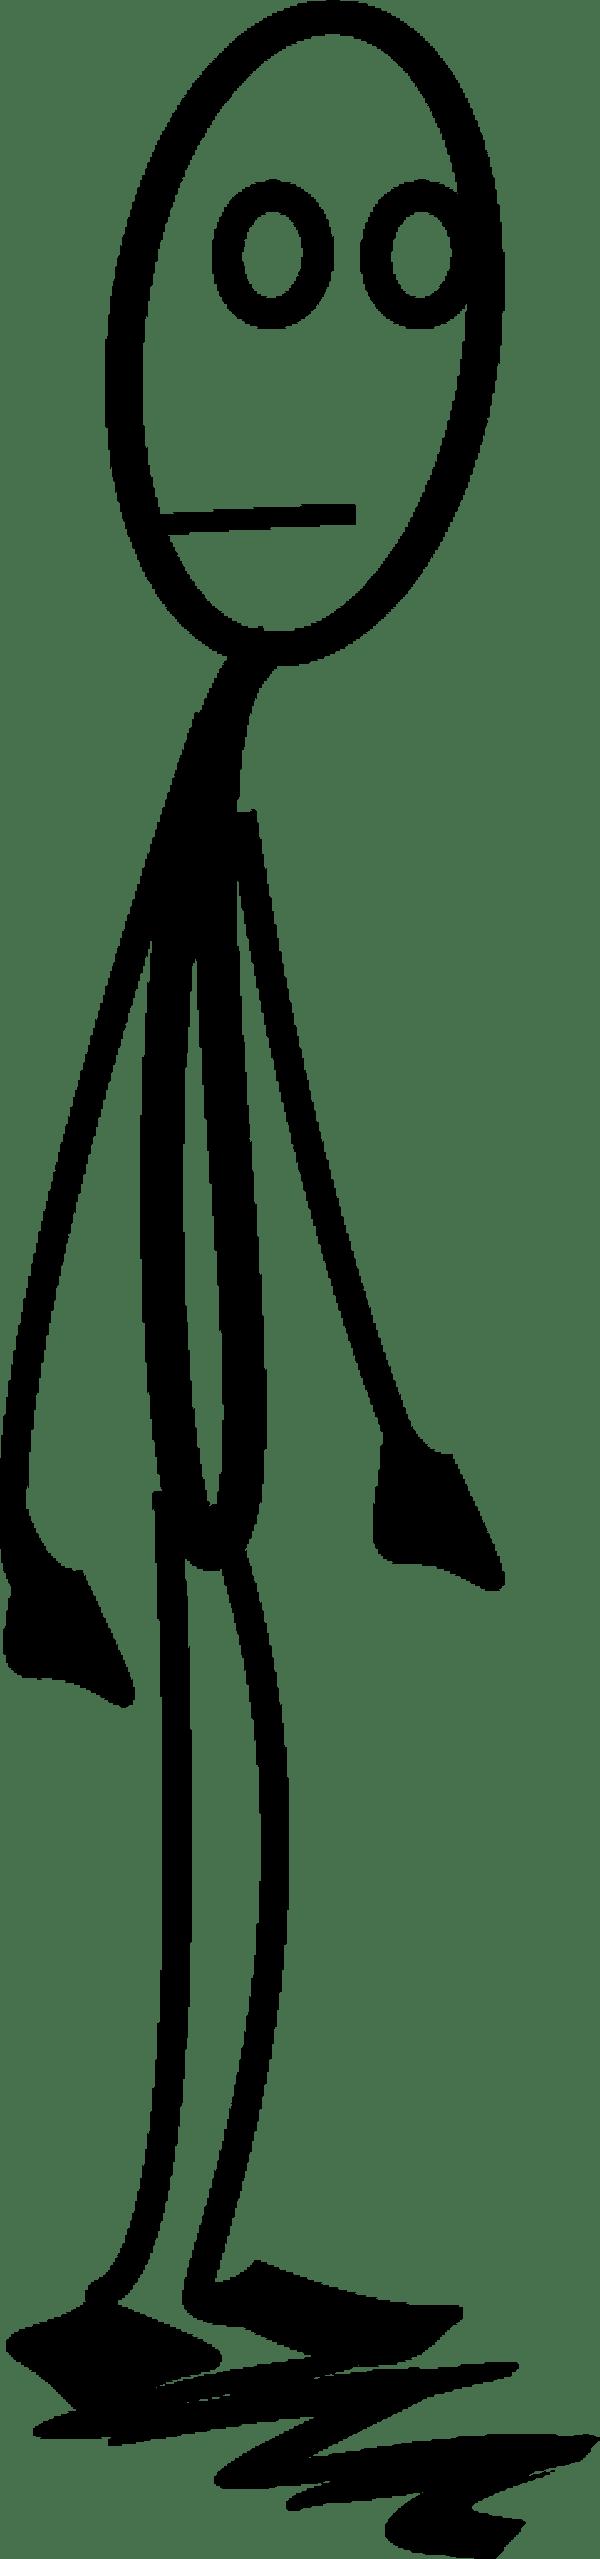 Skinny person clipart 1 » Clipart Portal.